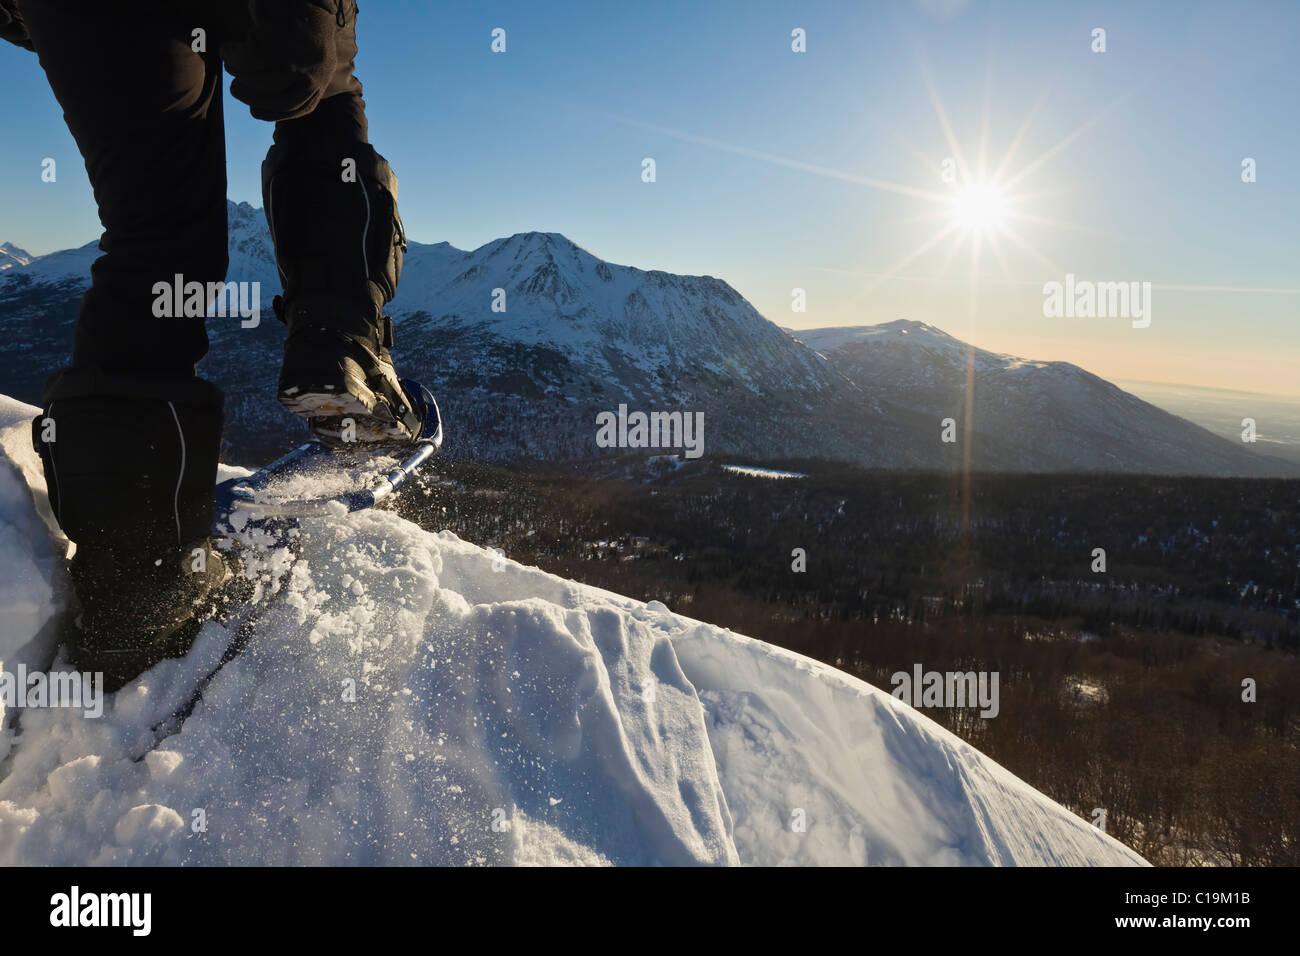 Un homme de la raquette sur une crête surplombant une vallée en Alaska avec soleil et montagnes en arrière Photo Stock